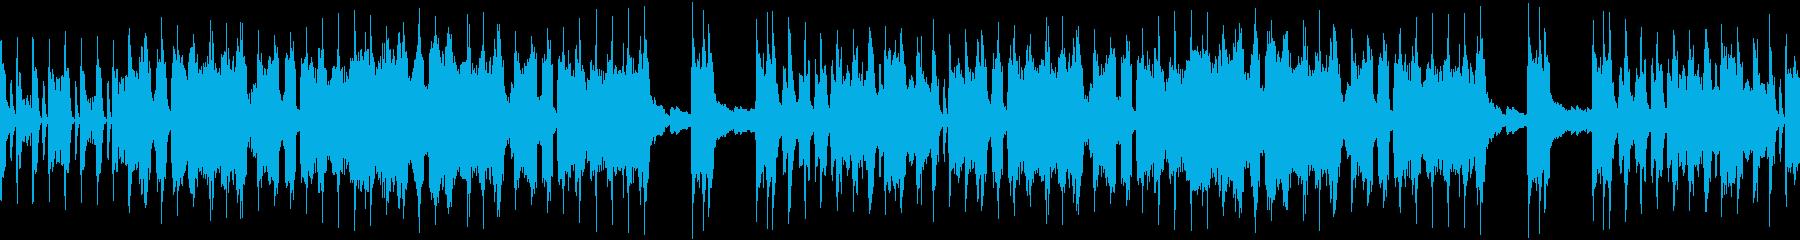 ファニーな場面でニヤニヤ出来る行進曲の再生済みの波形